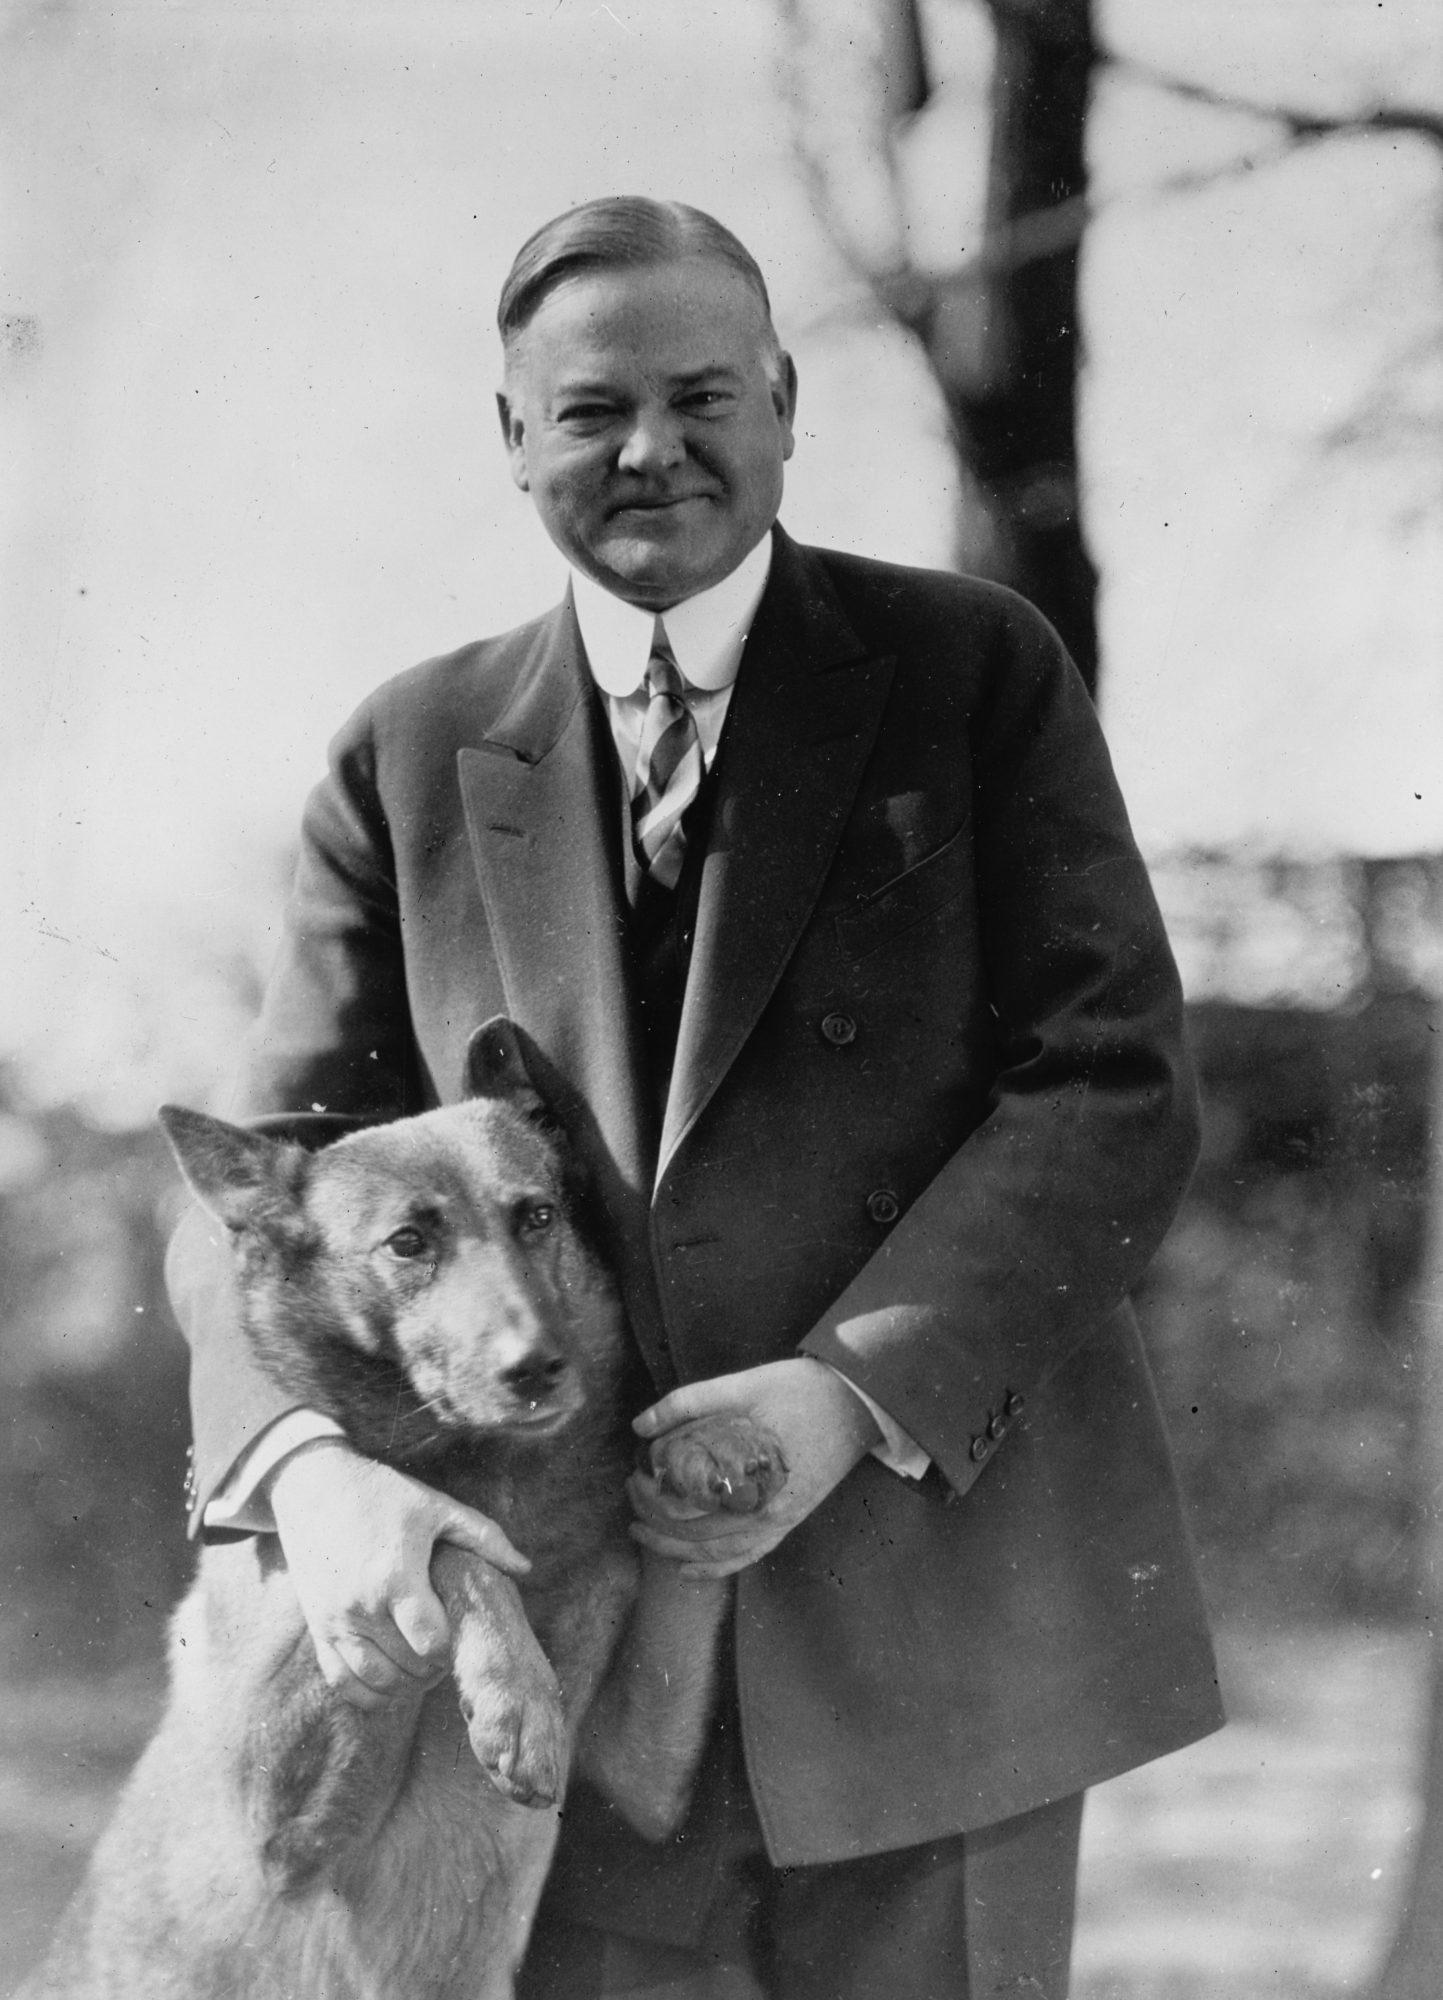 Herbert Hoover's Republican Nomination Speech in 1932